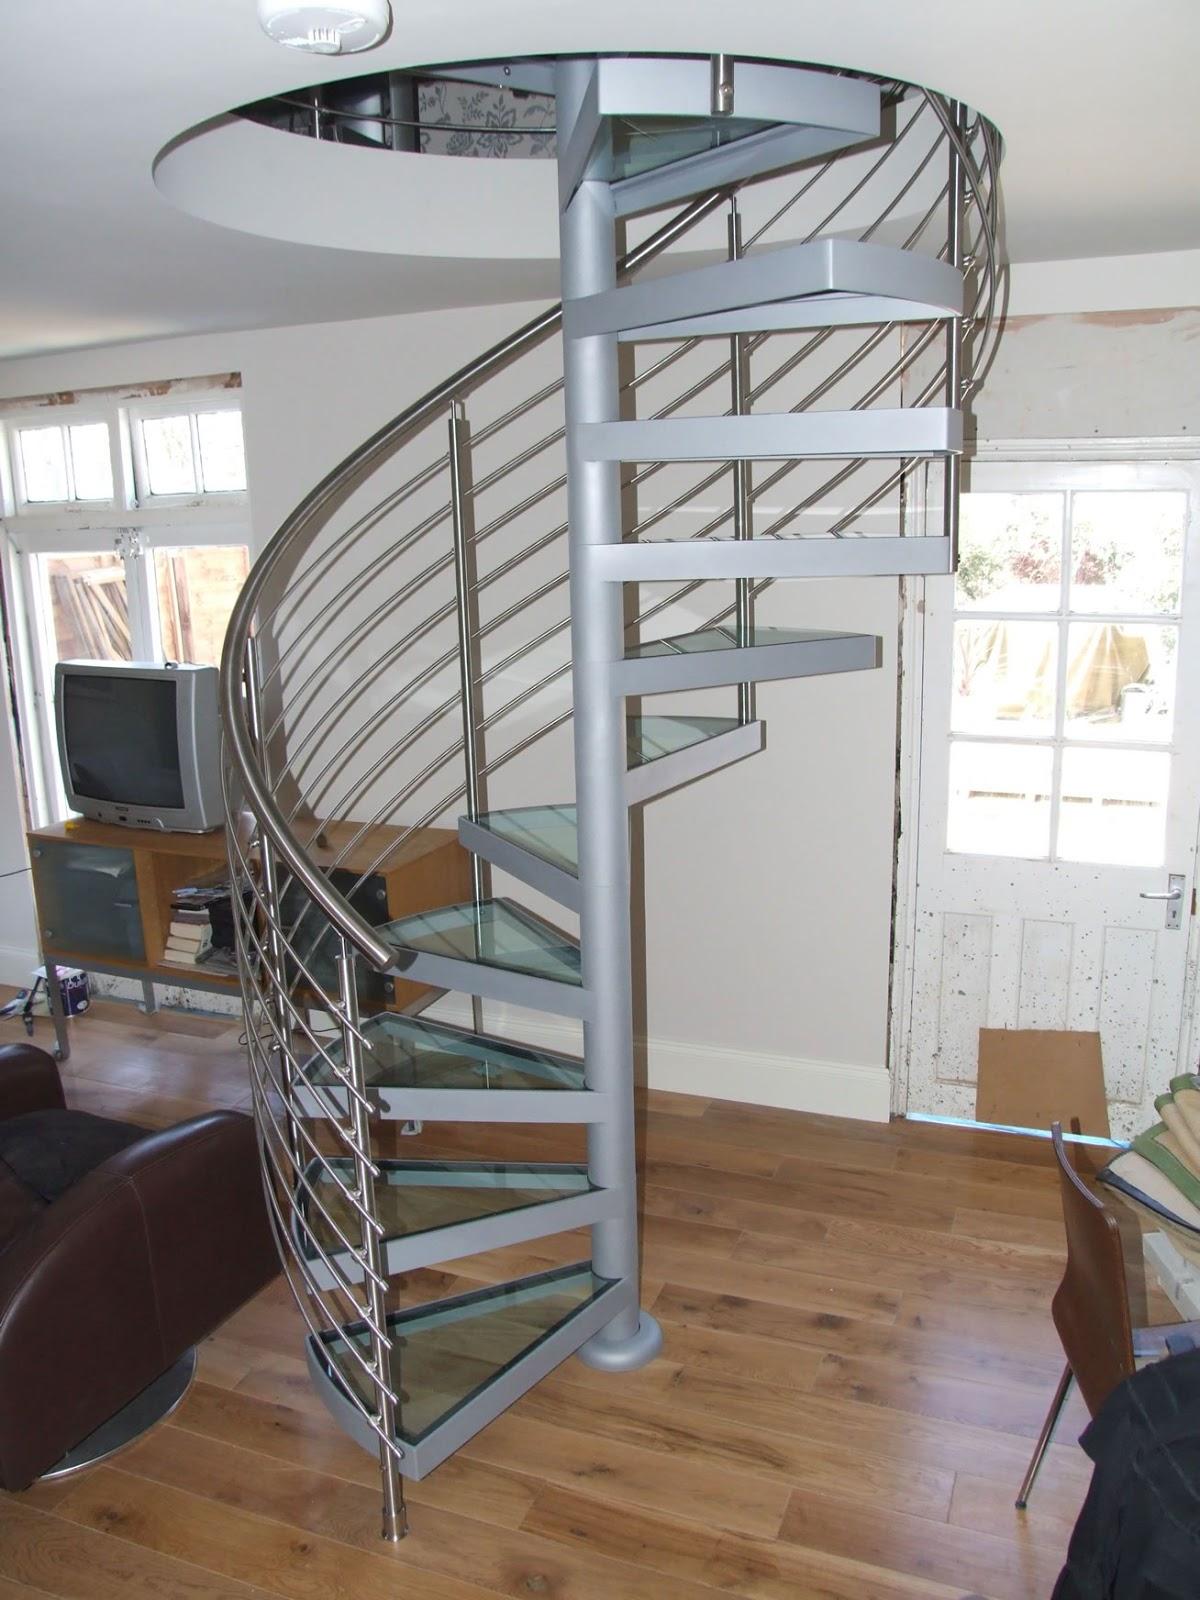 The Arquitectura Y Diseno Disenos De Escaleras En Espiral - Escaleras-en-espiral